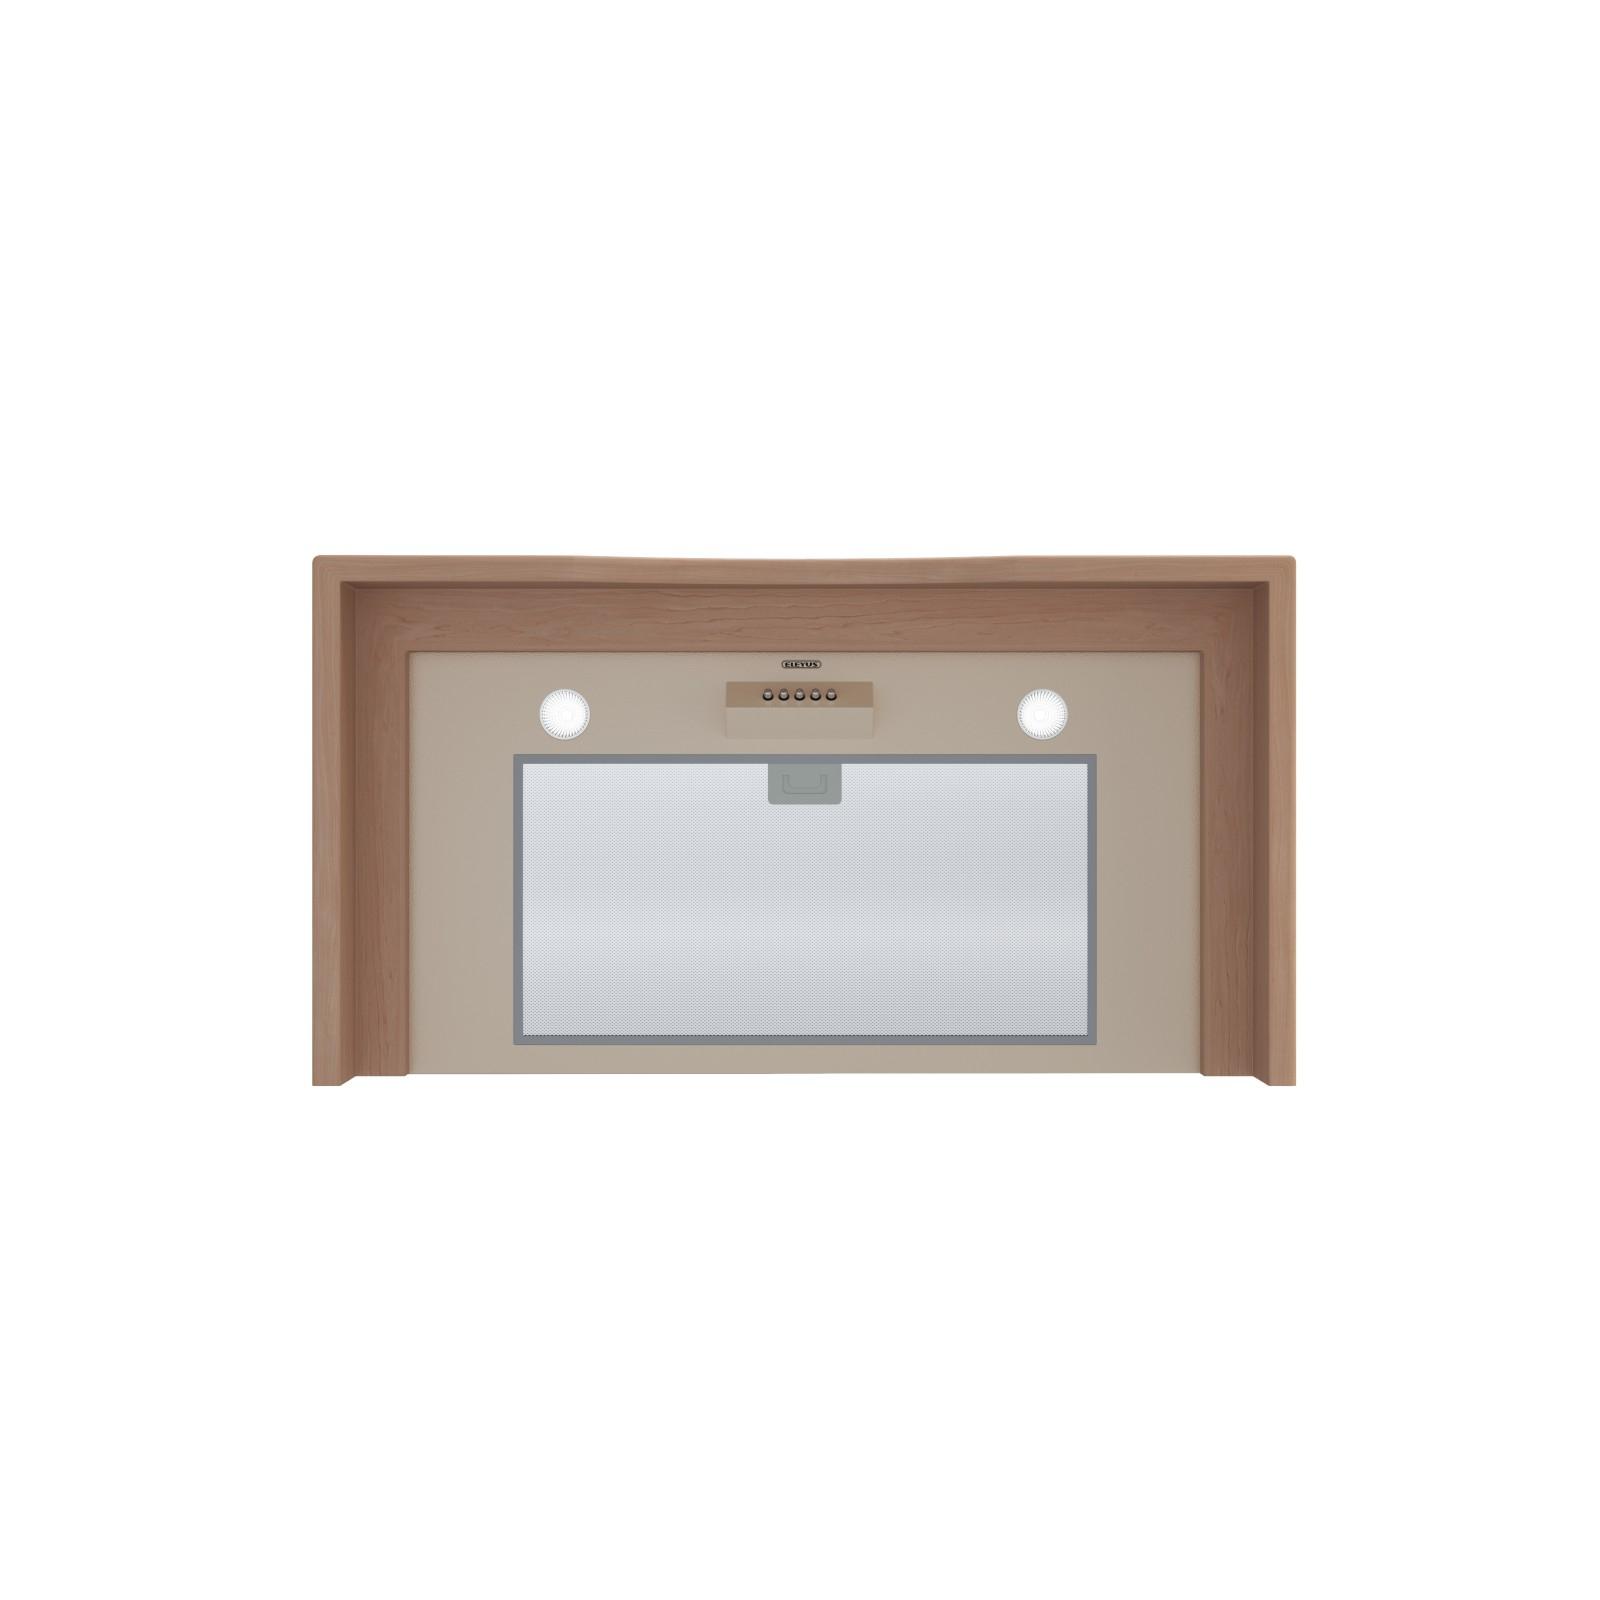 Вытяжка кухонная Eleyus Solo Country 1200 LED SMD 90 N изображение 4